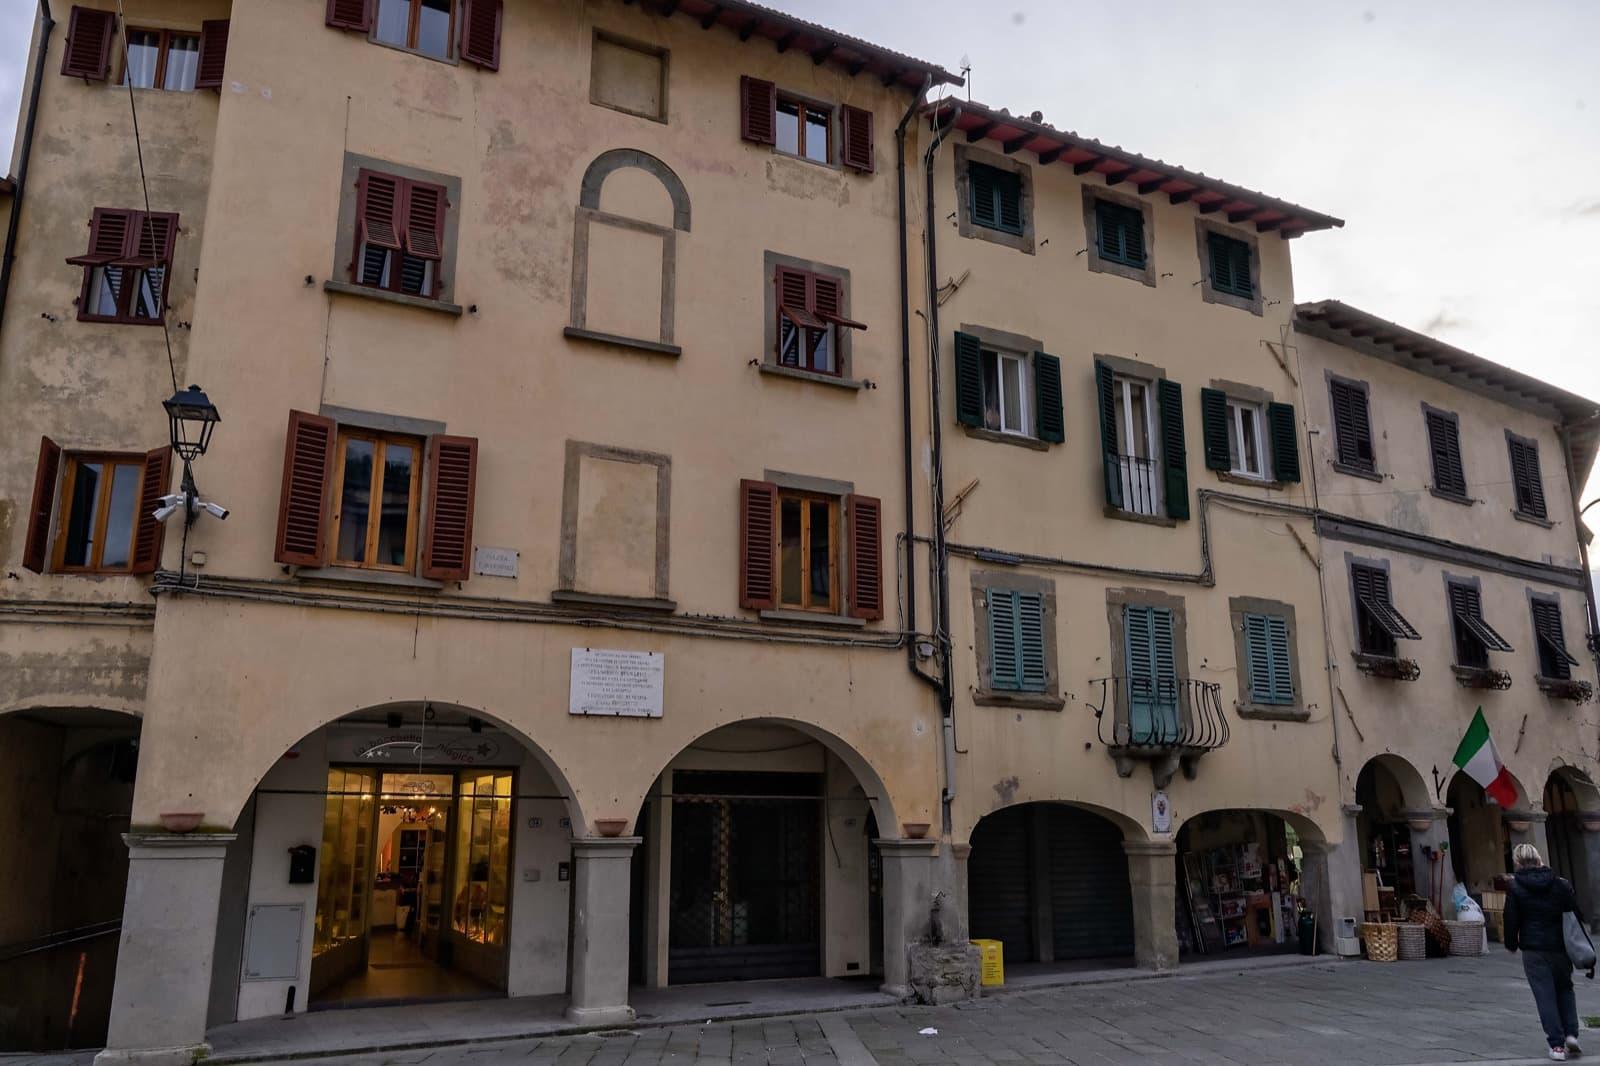 Dicomano - Roads of Dante